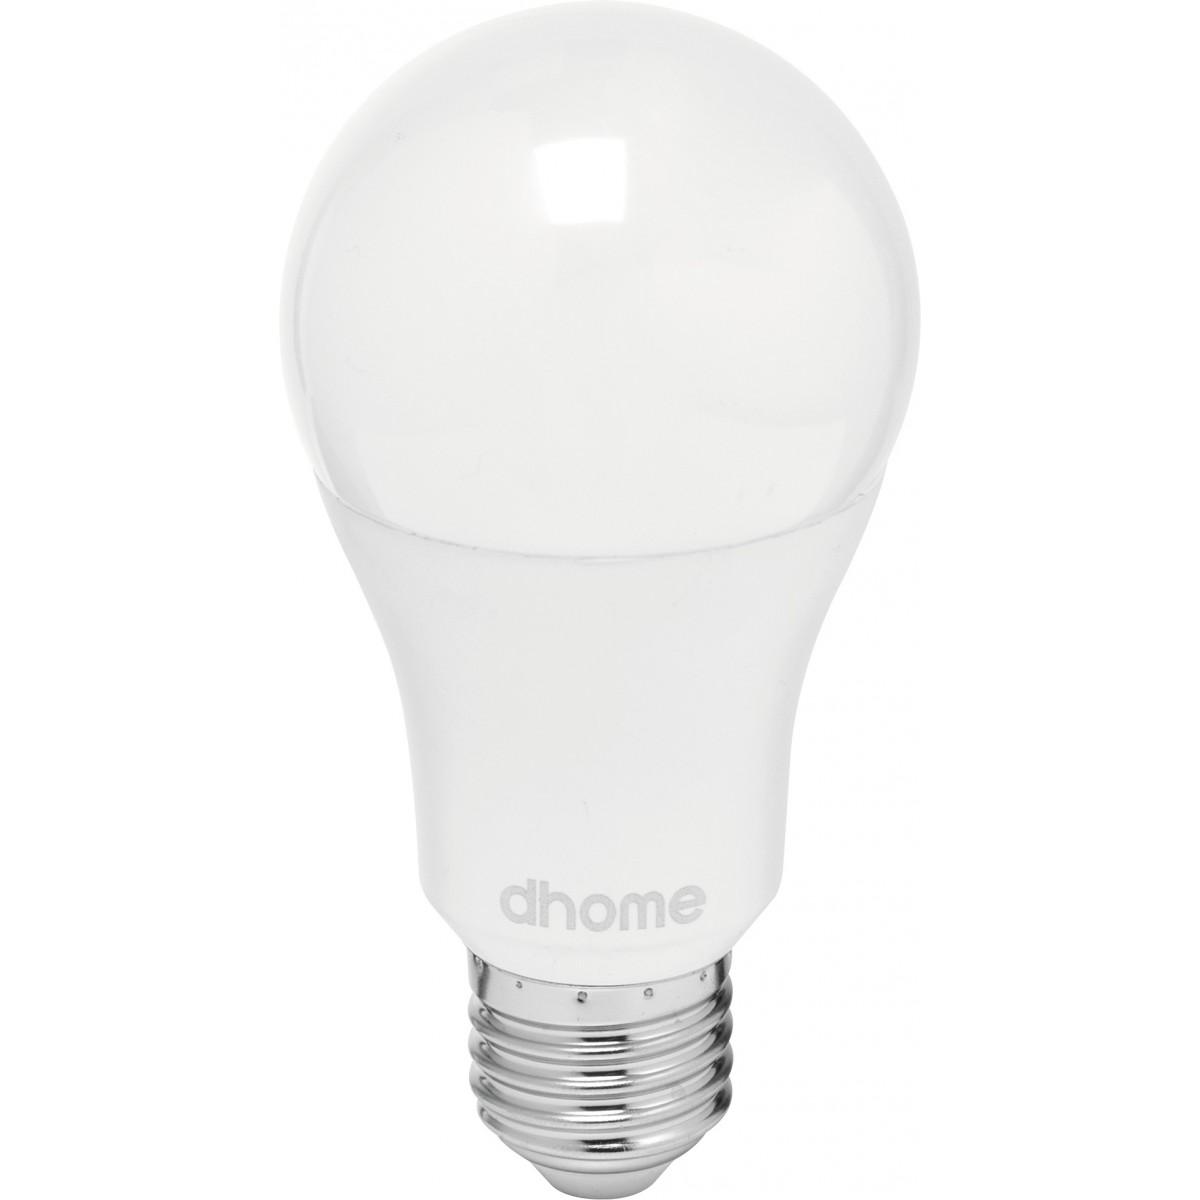 Ampoule LED standard E27 dhome - 1055 Lumens - 11 W - 2700 K - Vendu par 2